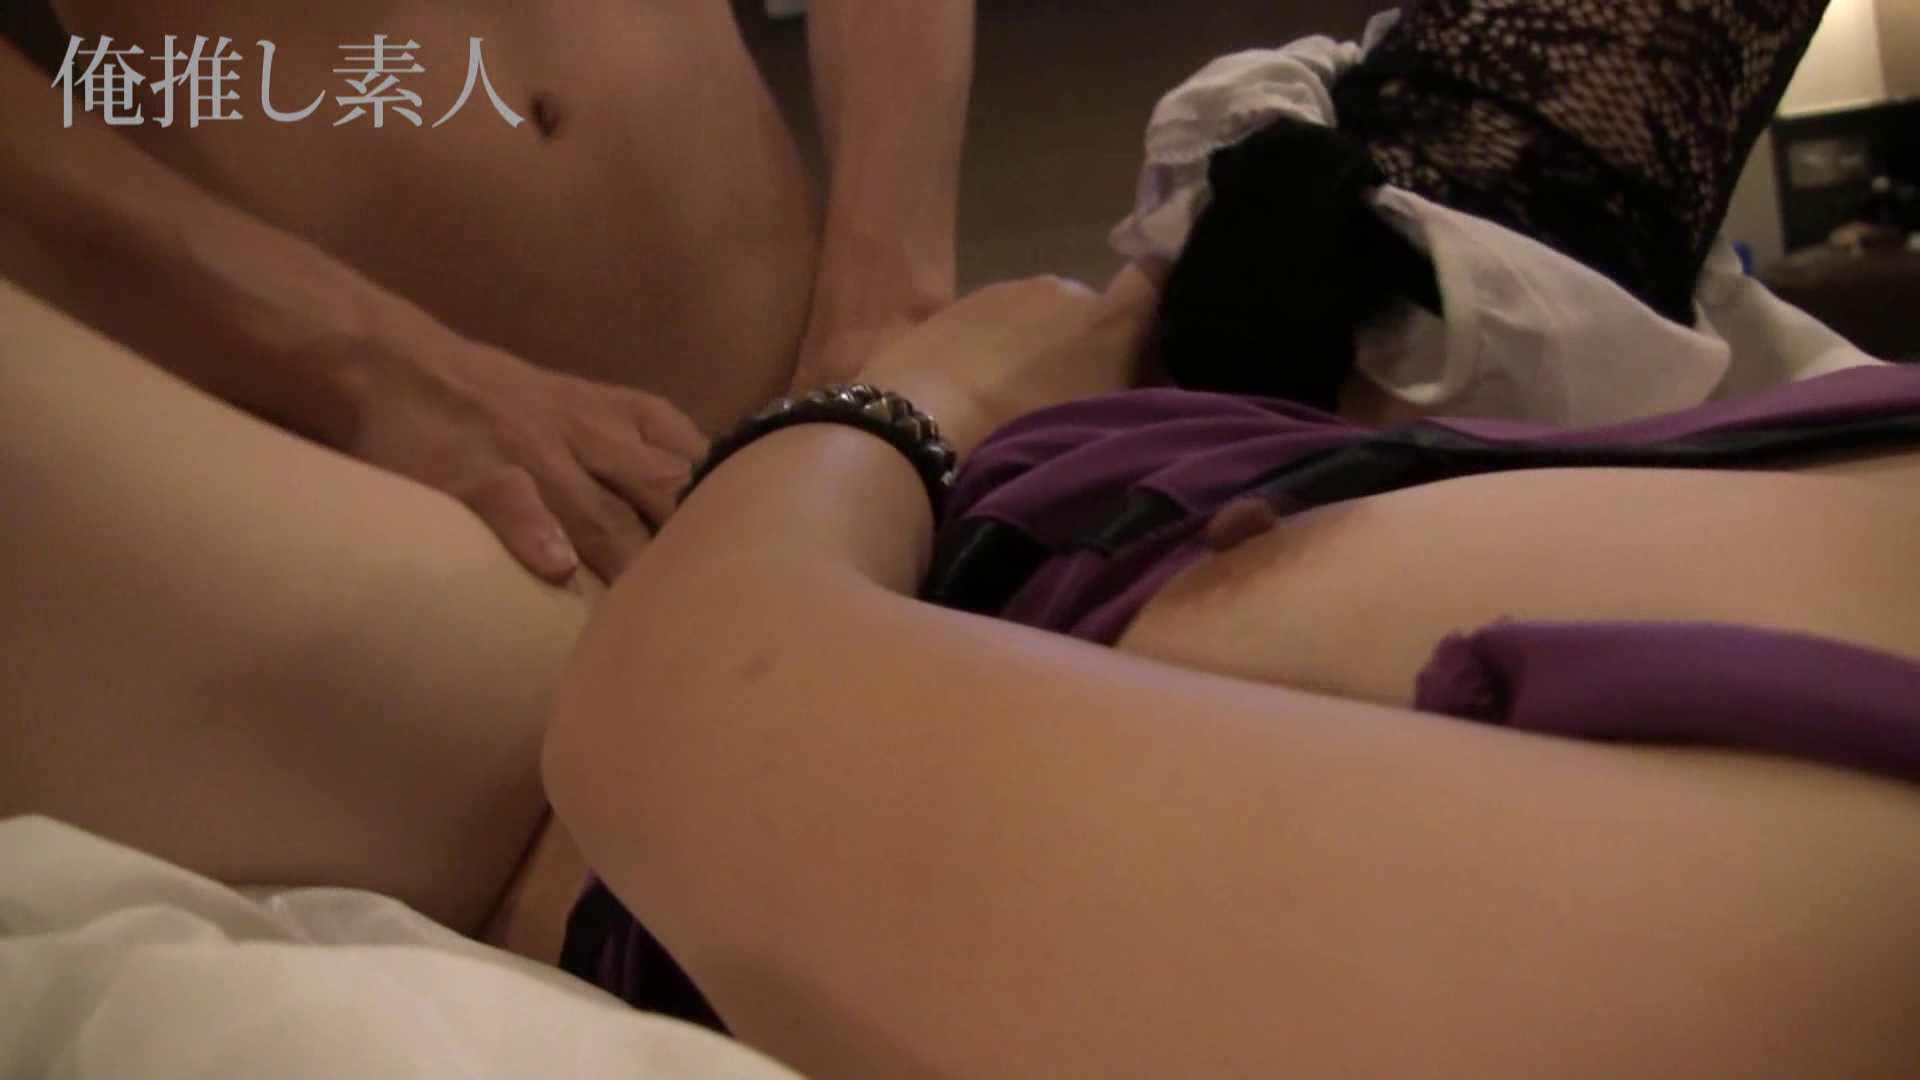 俺推し素人 キャバクラ嬢26歳久美vol2 独身エッチOL   綺麗なおっぱい  84pic 76